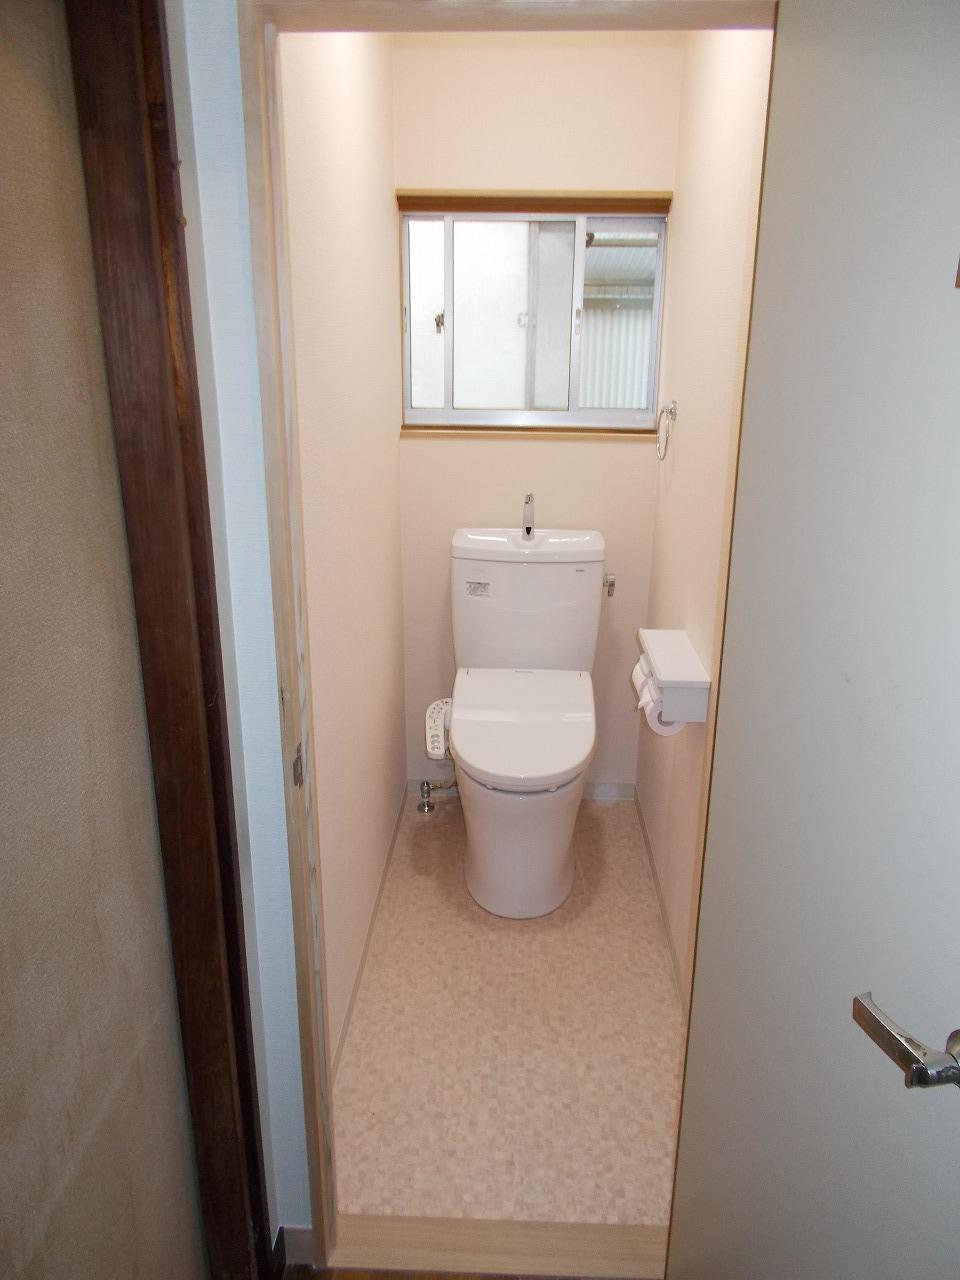 和式トイレからバリアフリーの洋式トイレへ